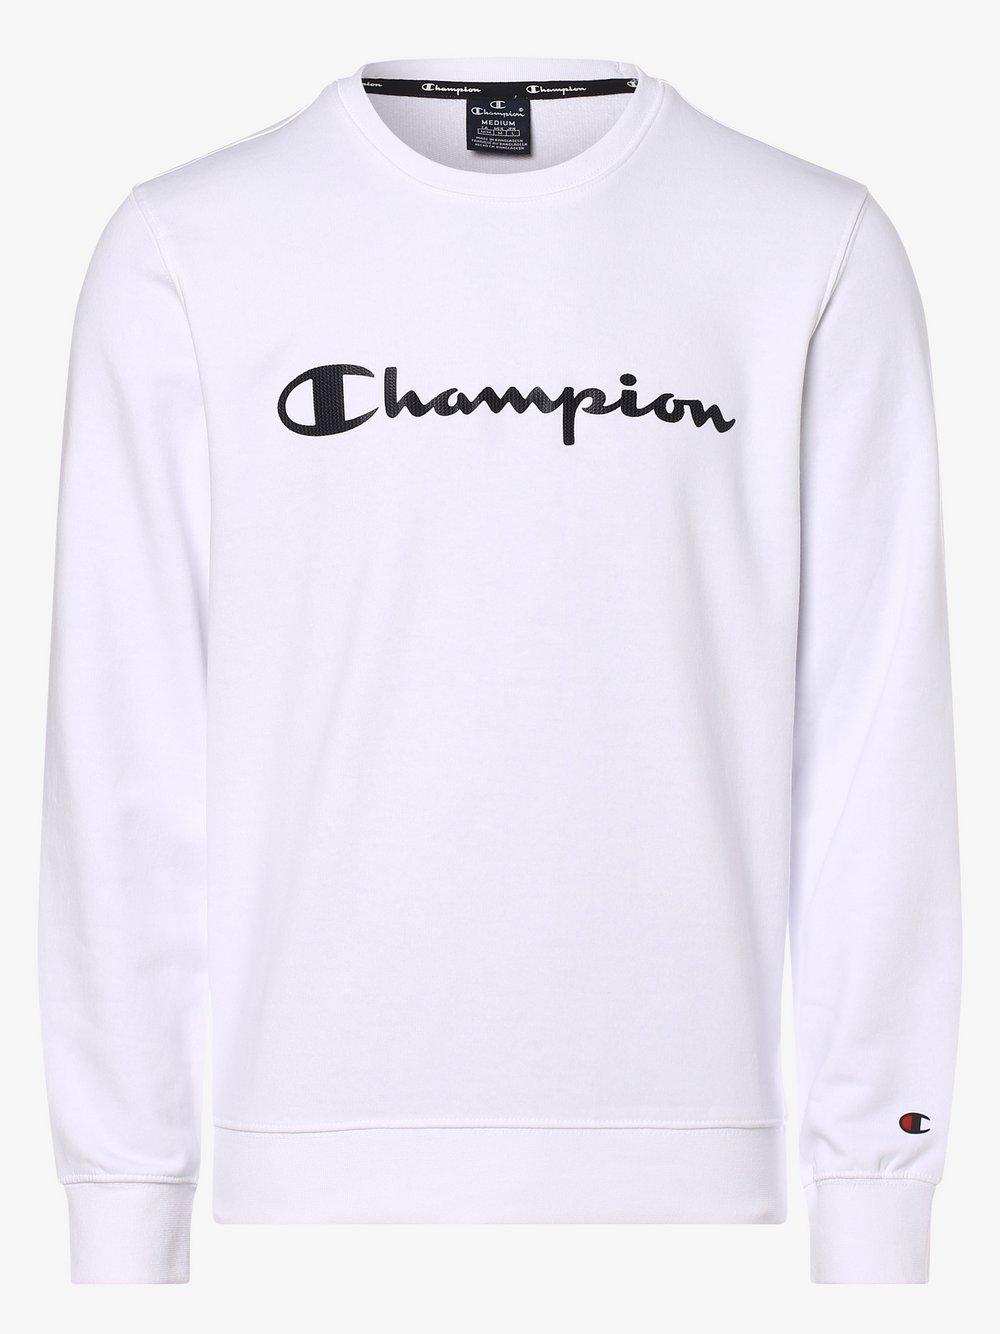 Champion - Męska bluza nierozpinana, biały